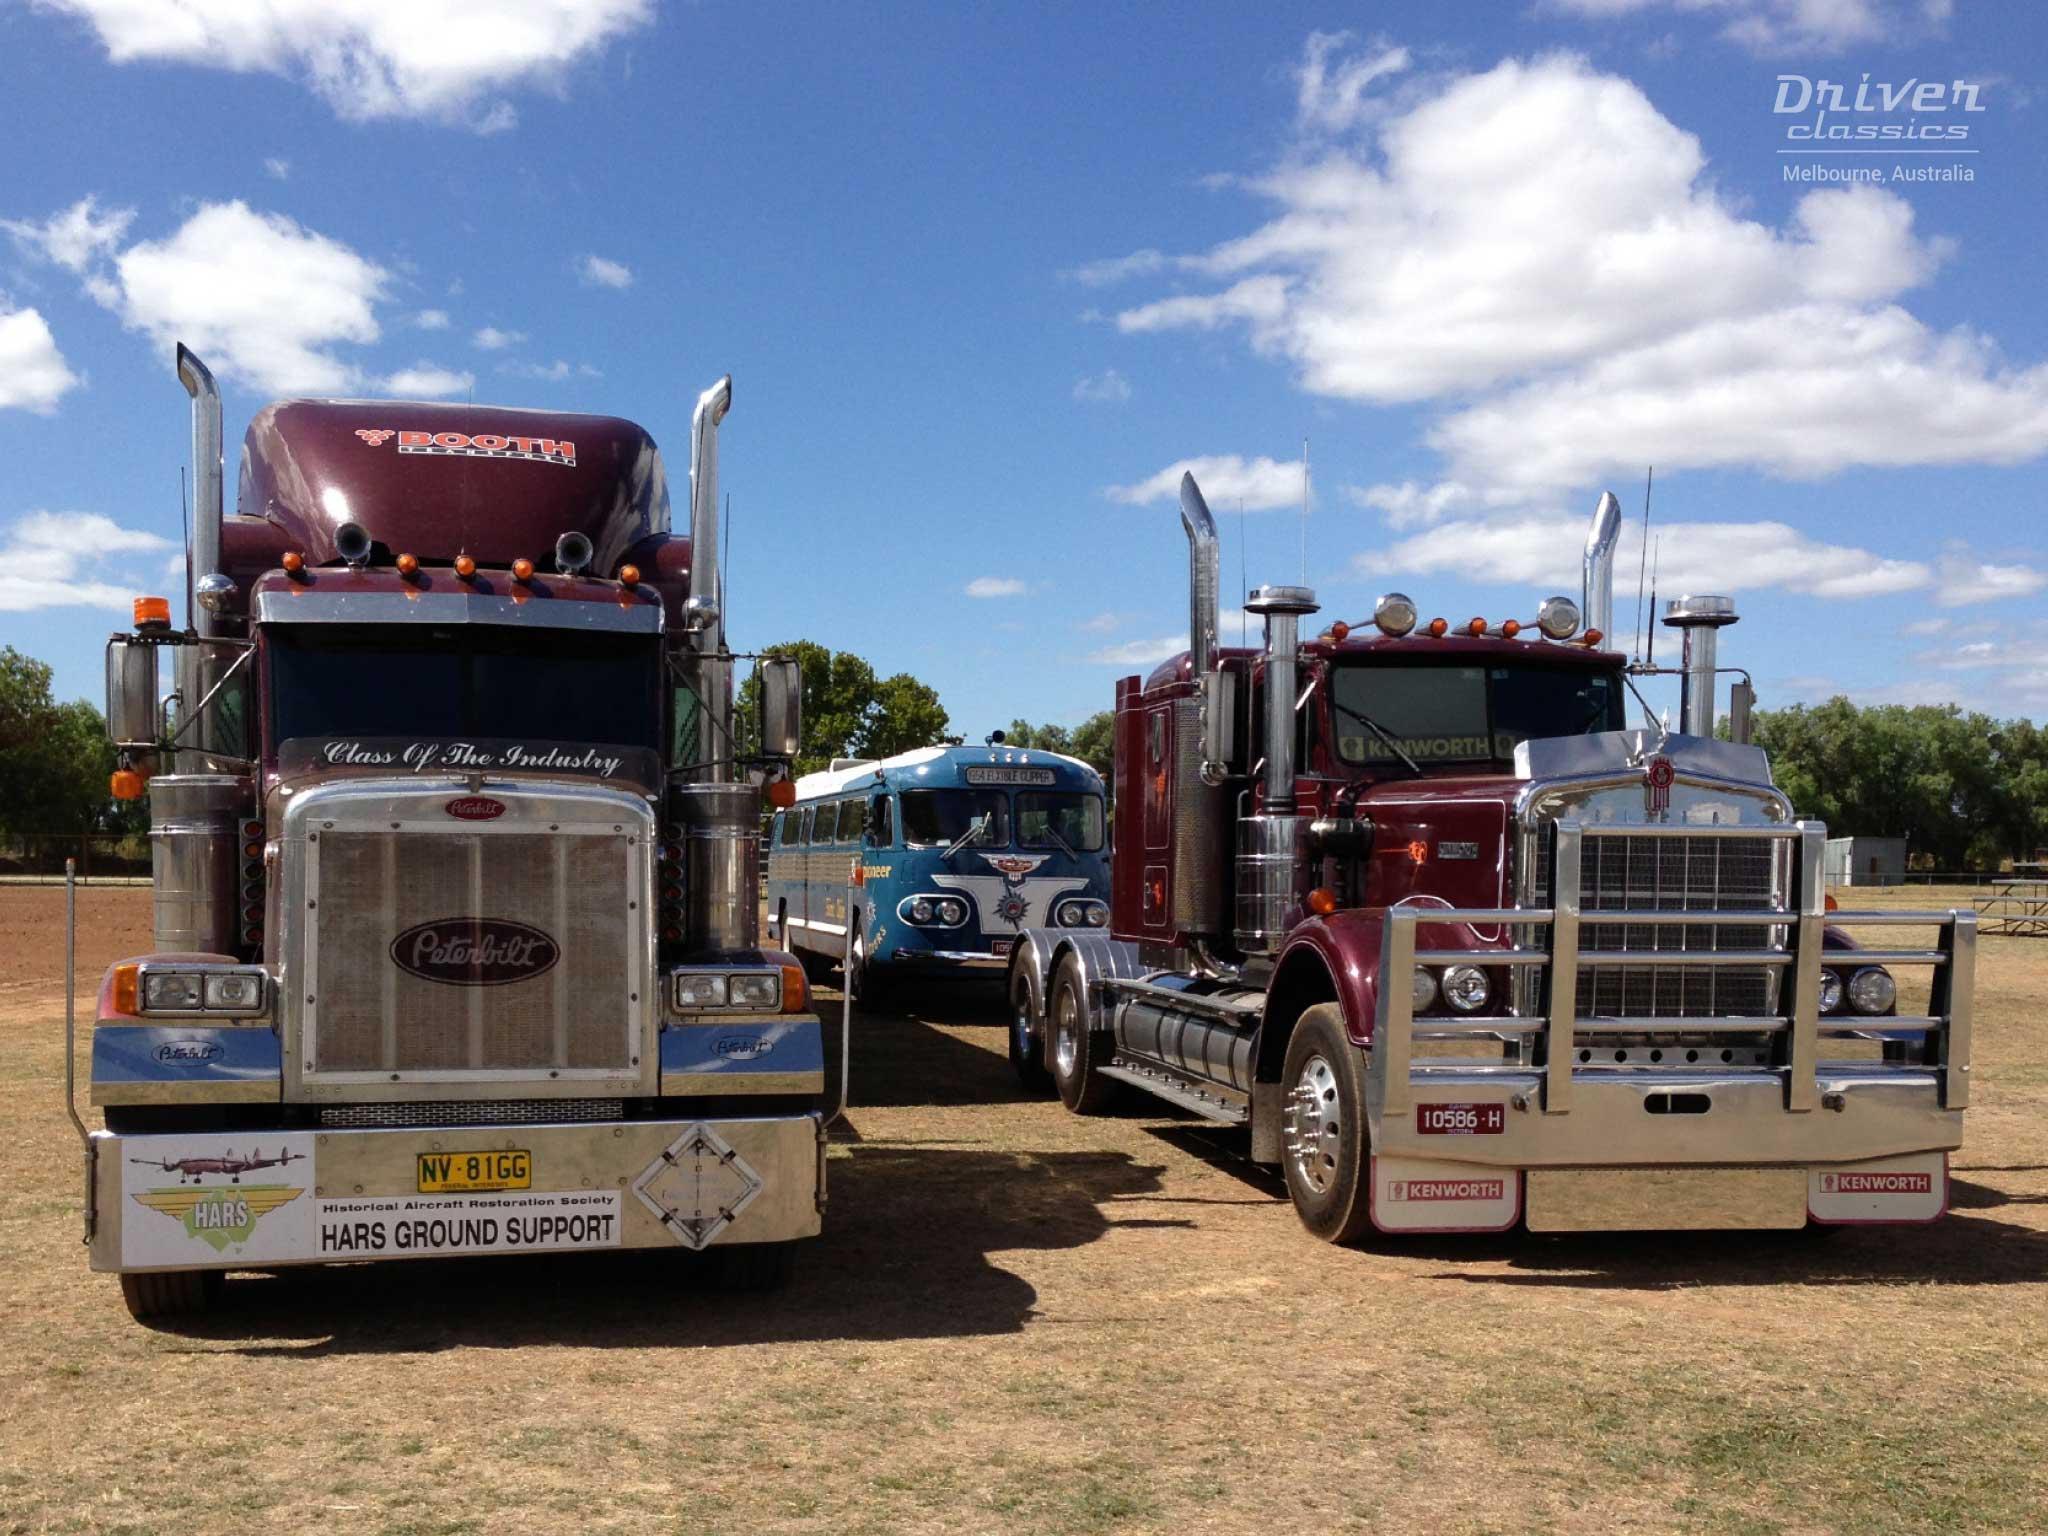 Kenworth W925 and Peterbuilt trucks